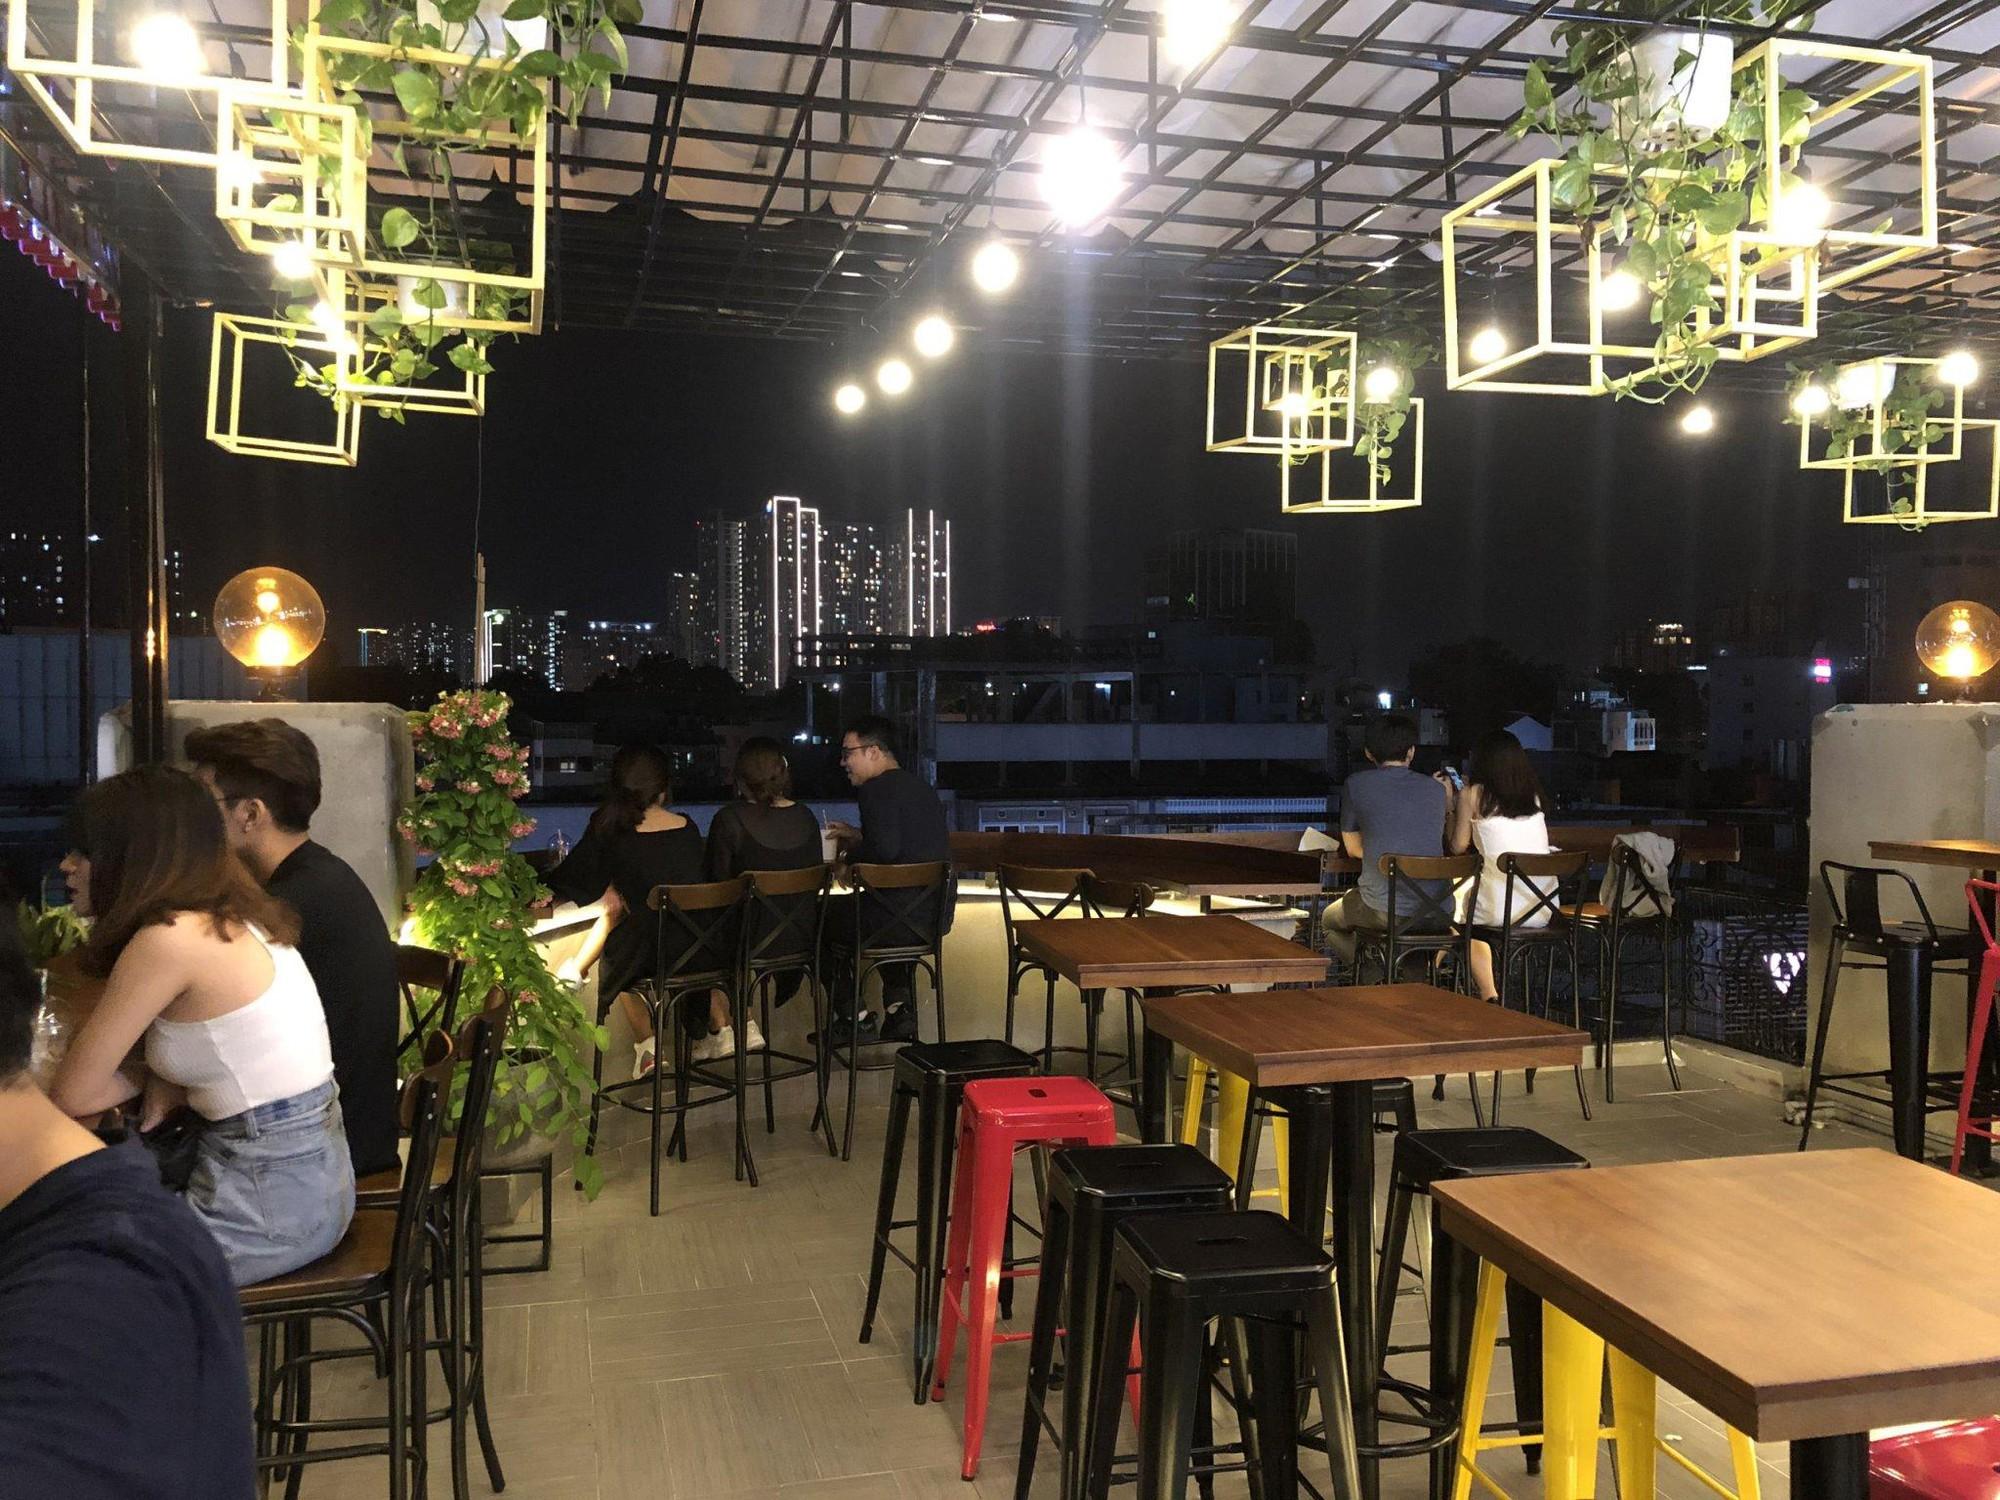 Cả thế giới thu bé lại vừa bằng một quán cà phê rooftop ngay giữa trung tâm Sài Gòn - Ảnh 3.